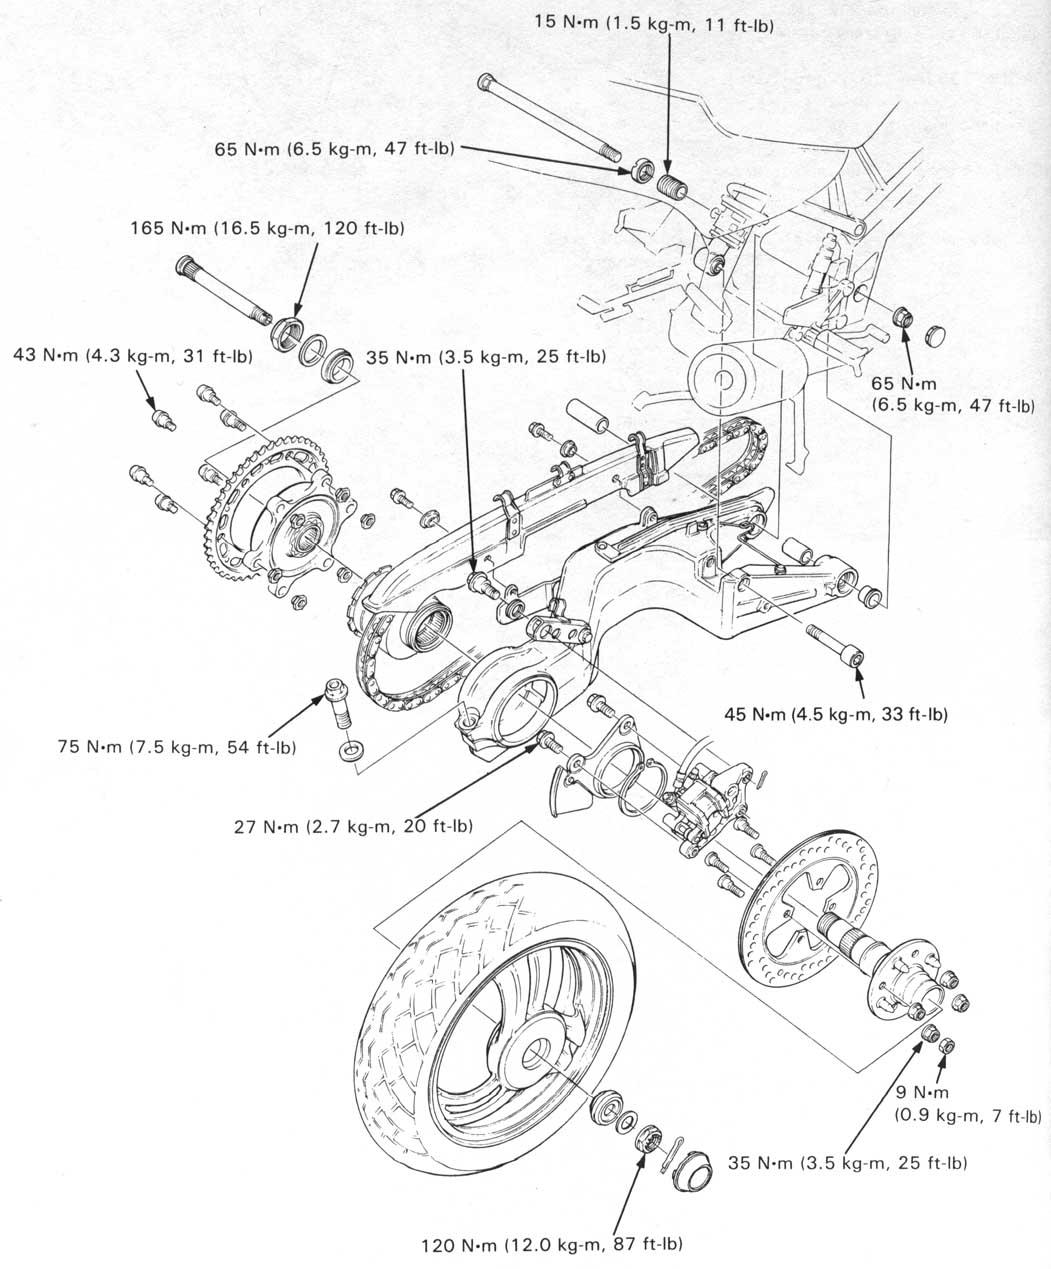 120 Nm kiloina